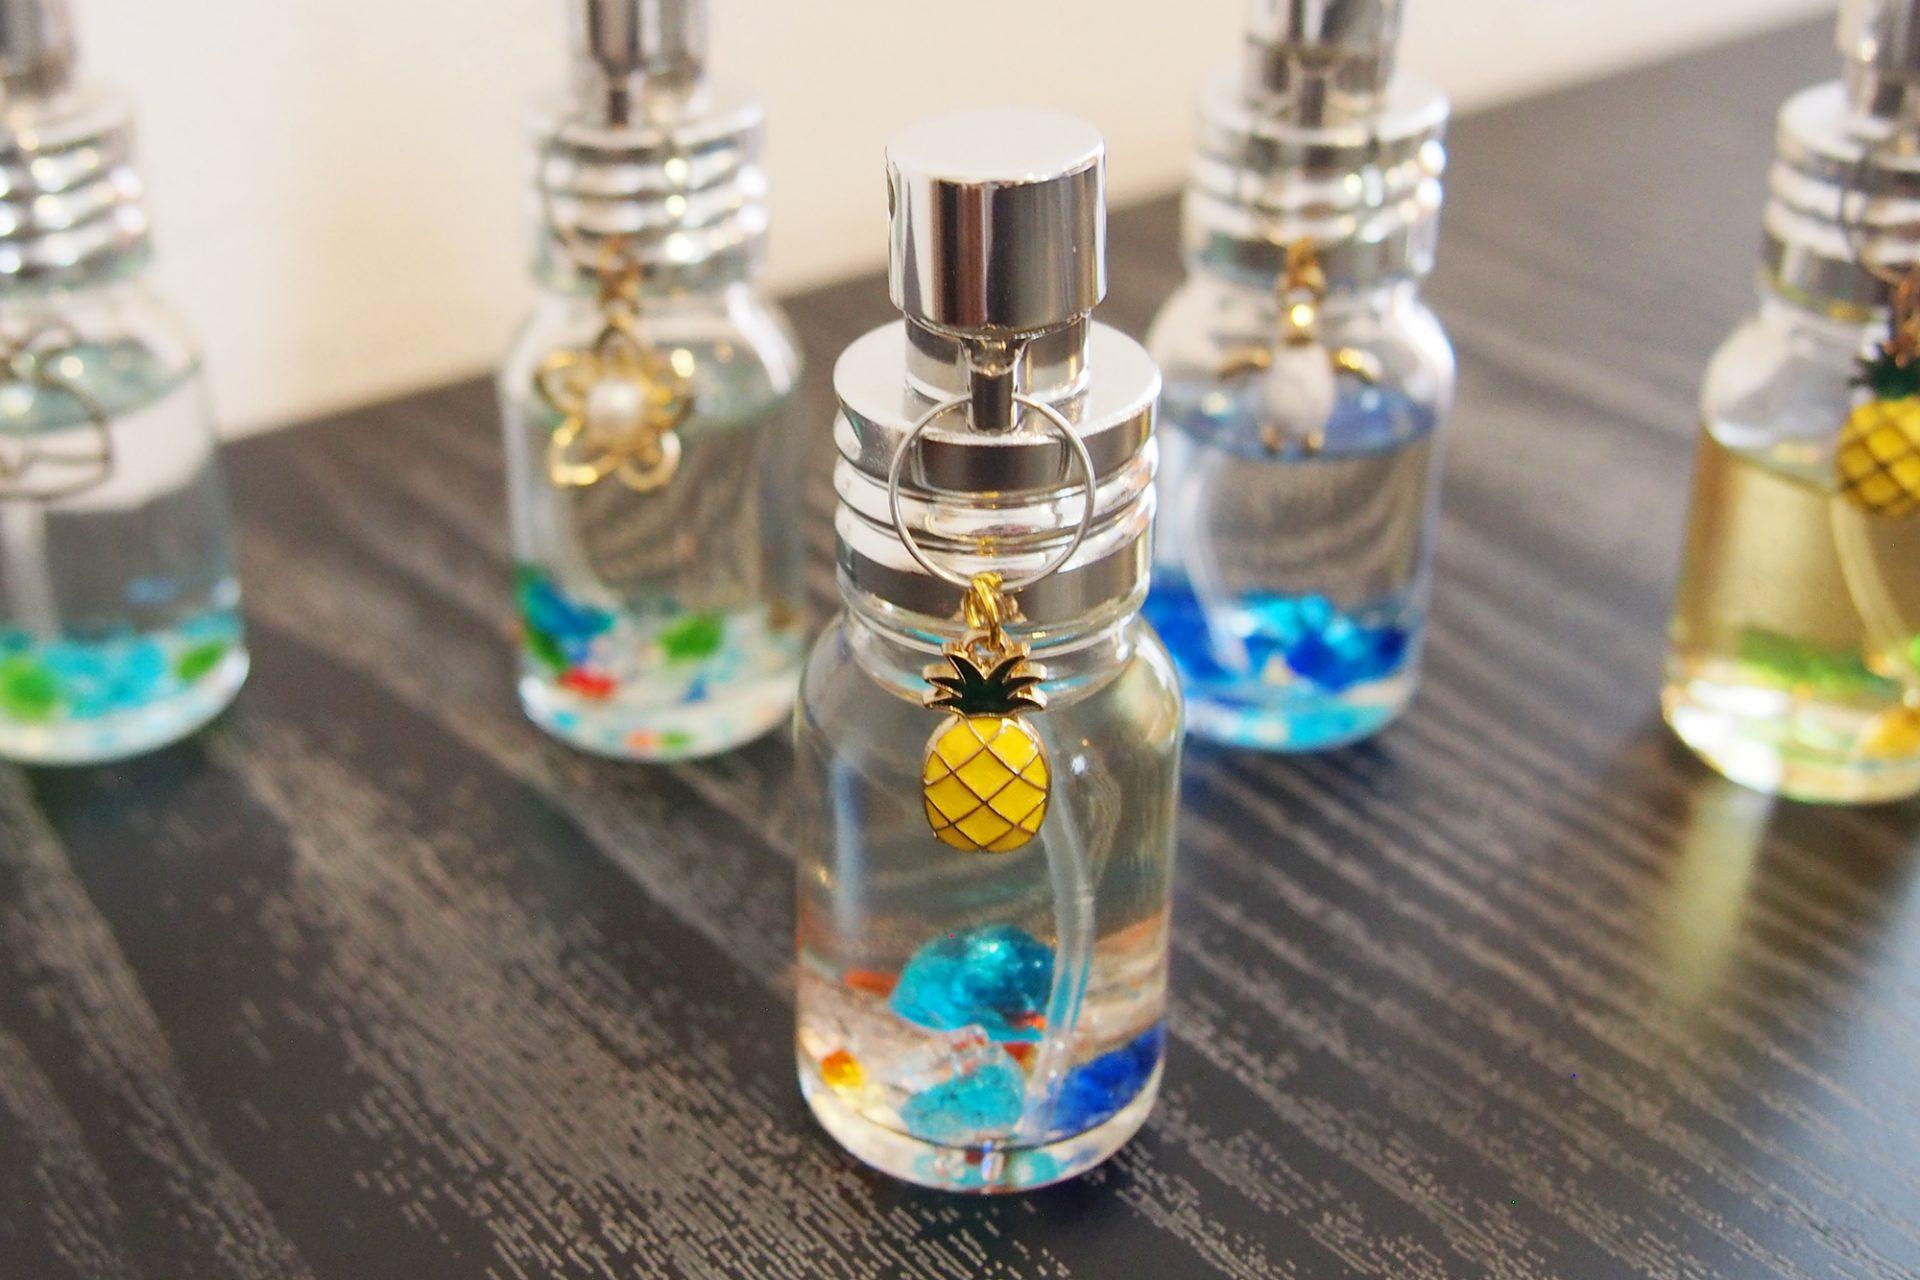 「琉球香房くるち」でオリジナルの香水作り体験